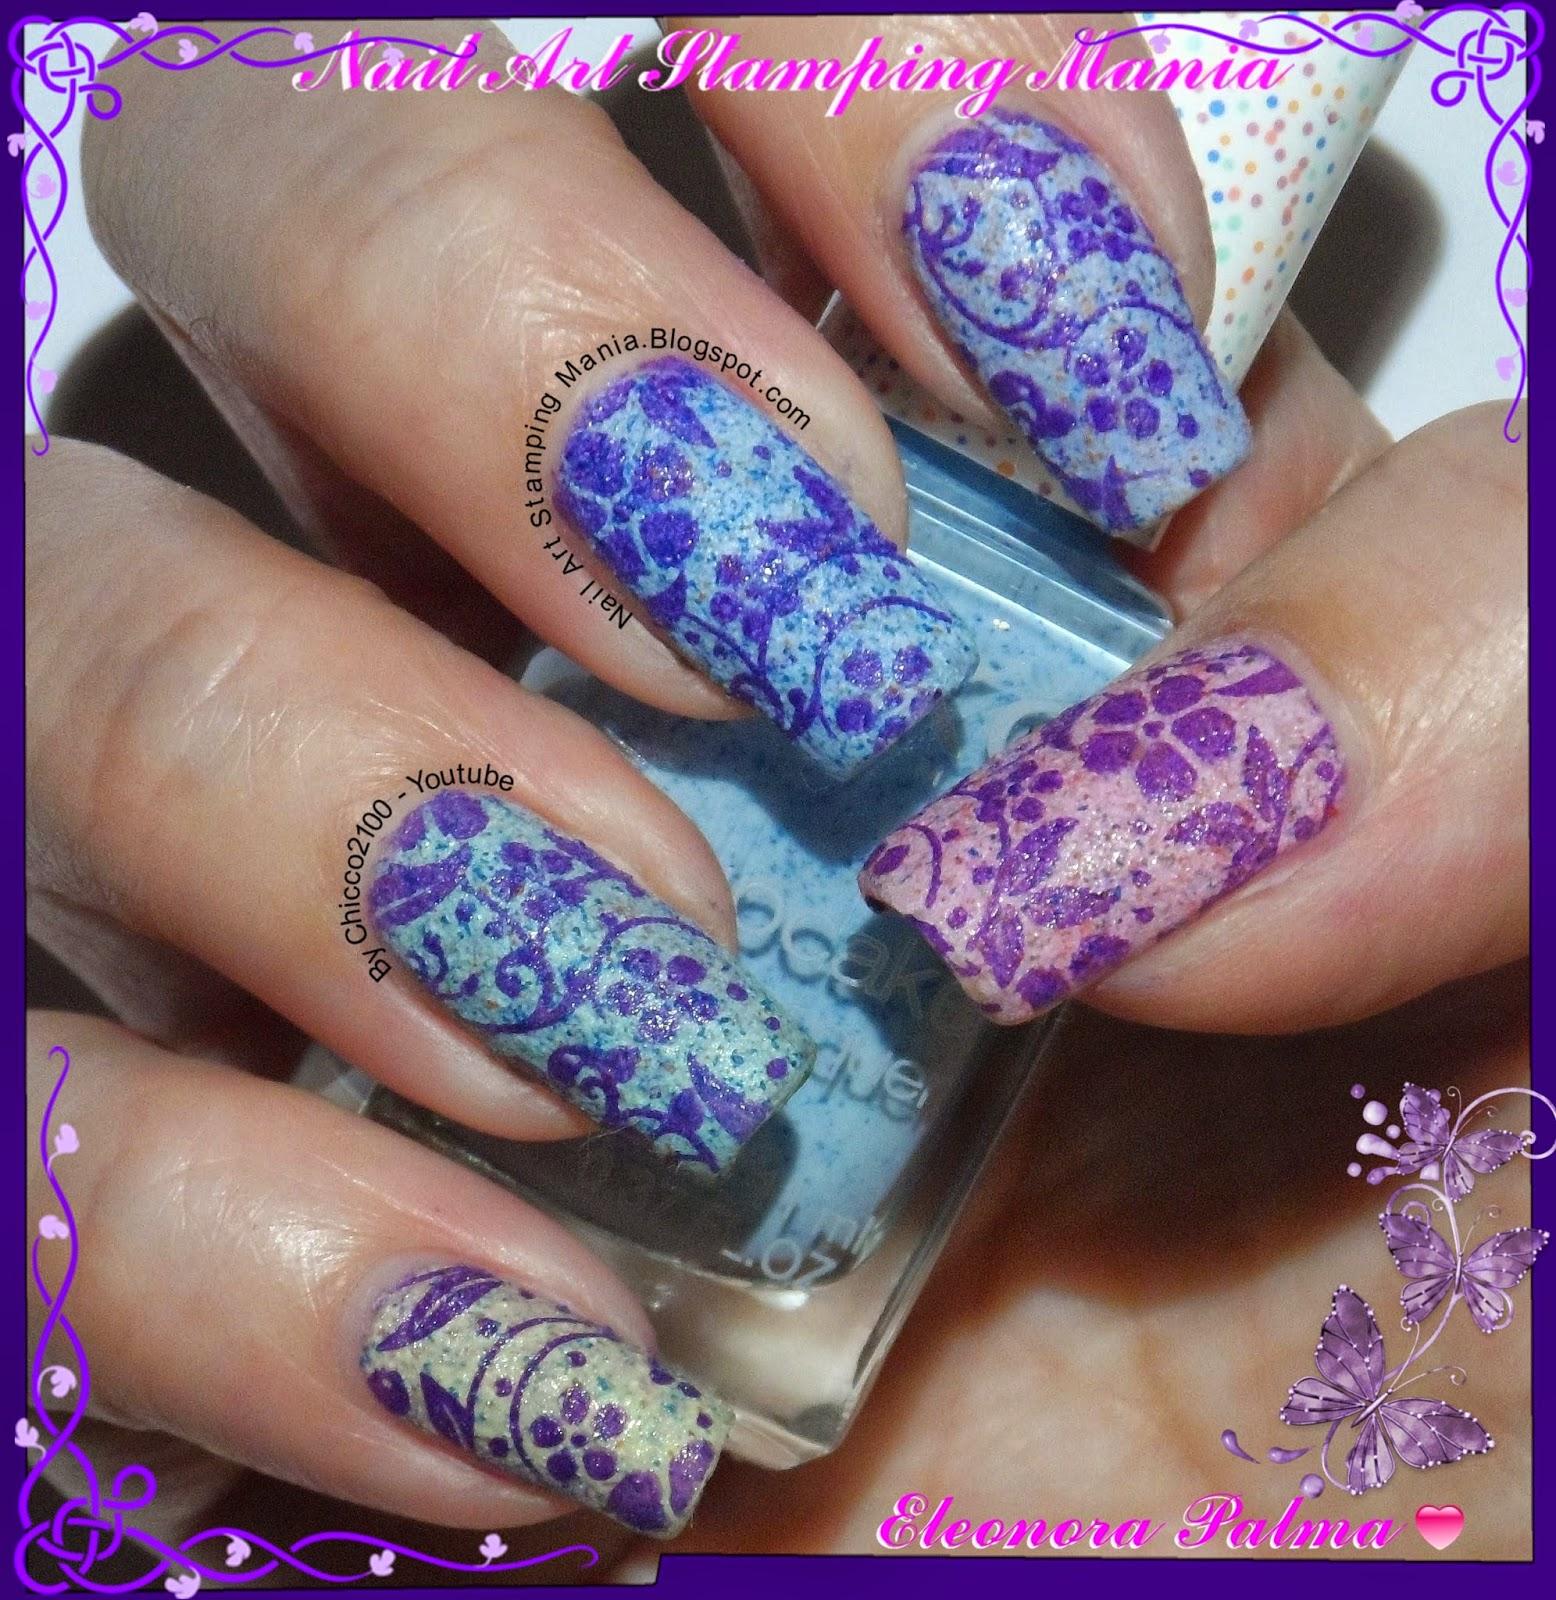 Nail art stamping mania kiko cupcake nail lacquers with pueen plate kiko cupcake nail lacquers with pueen plate prinsesfo Choice Image